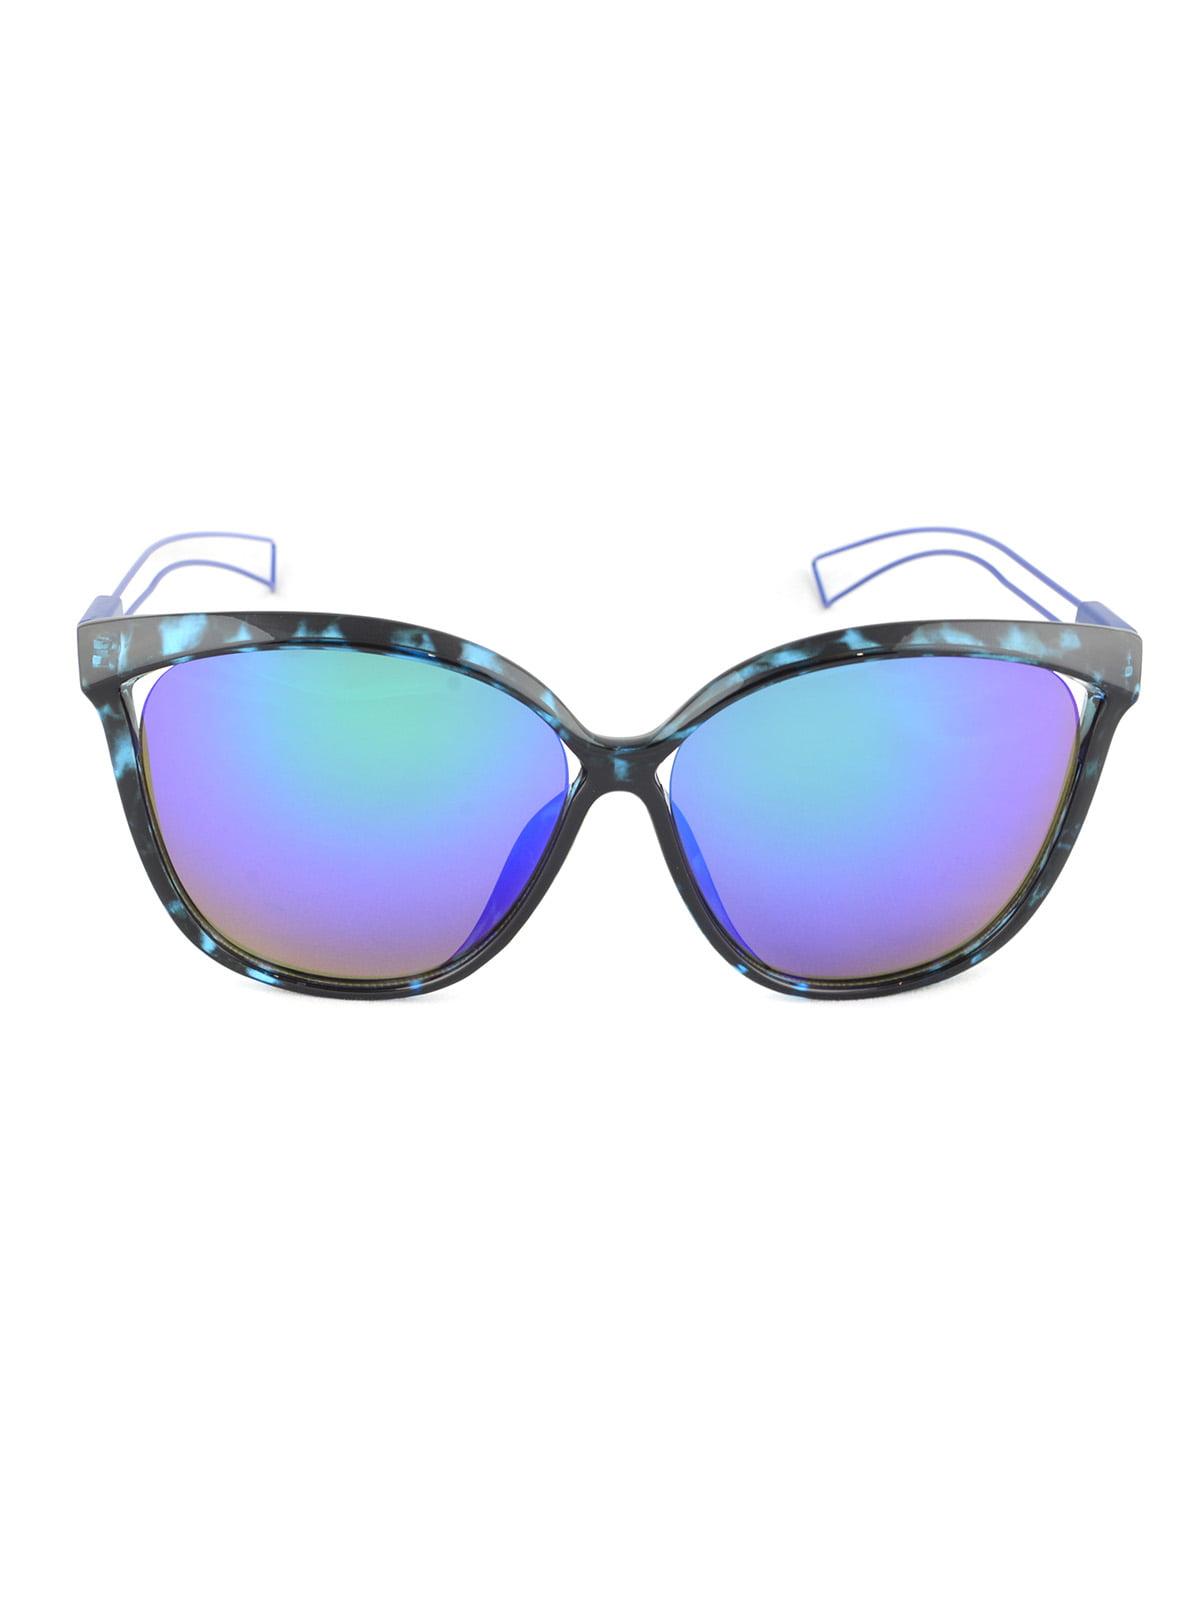 Очки солнцезащитные | 4885352 | фото 2